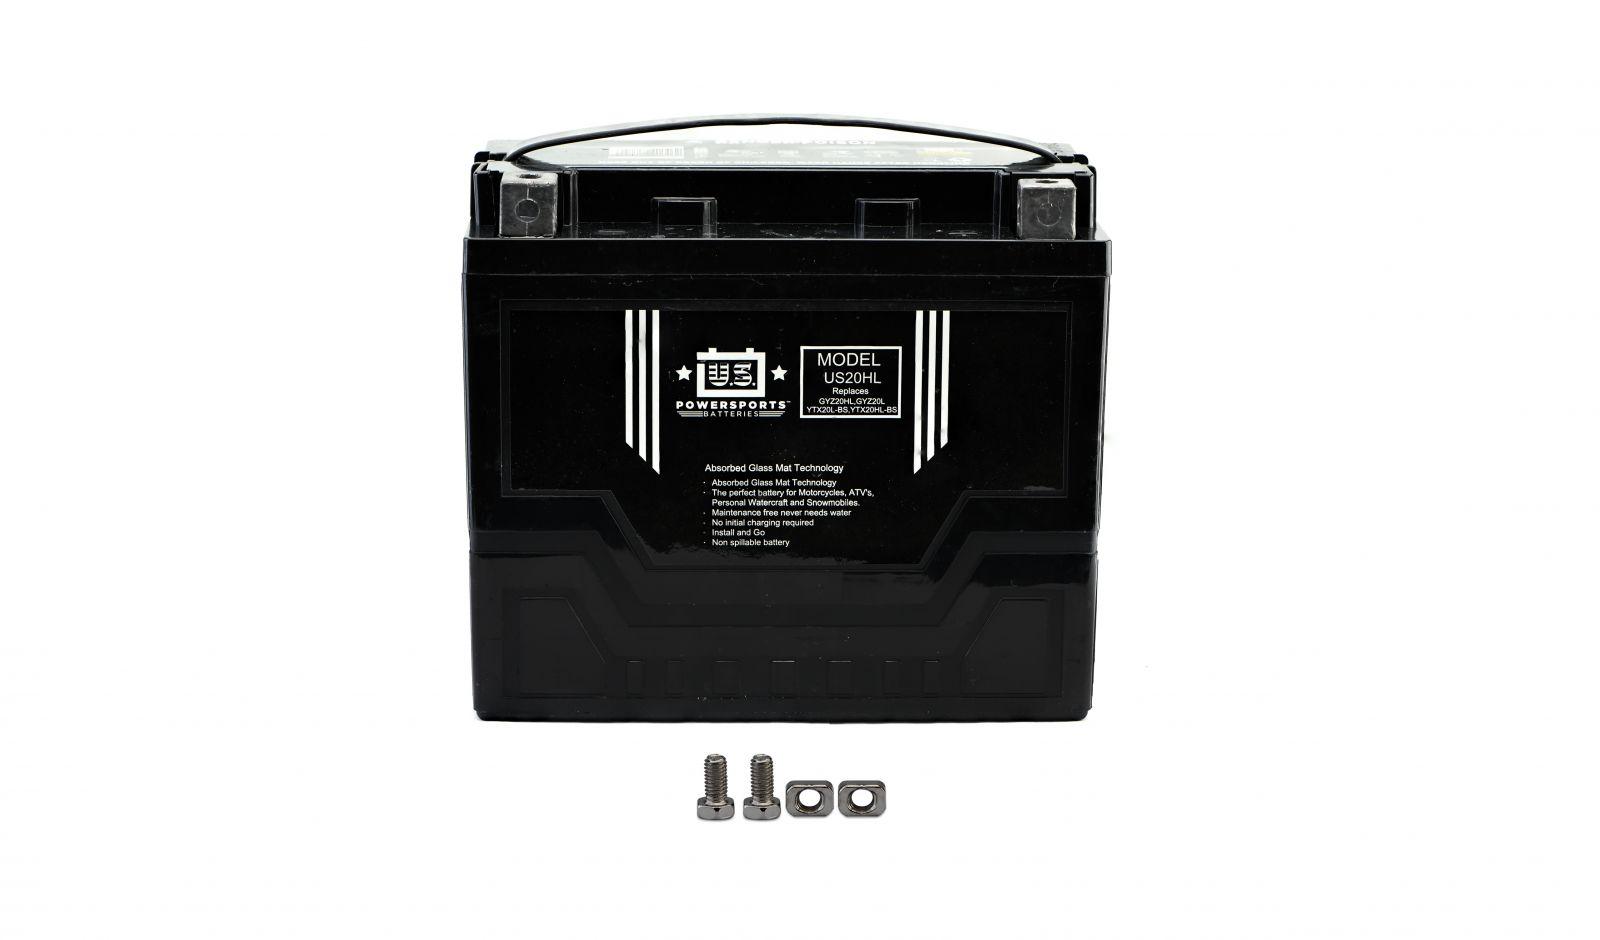 us powersports sealed battery - 501205U image